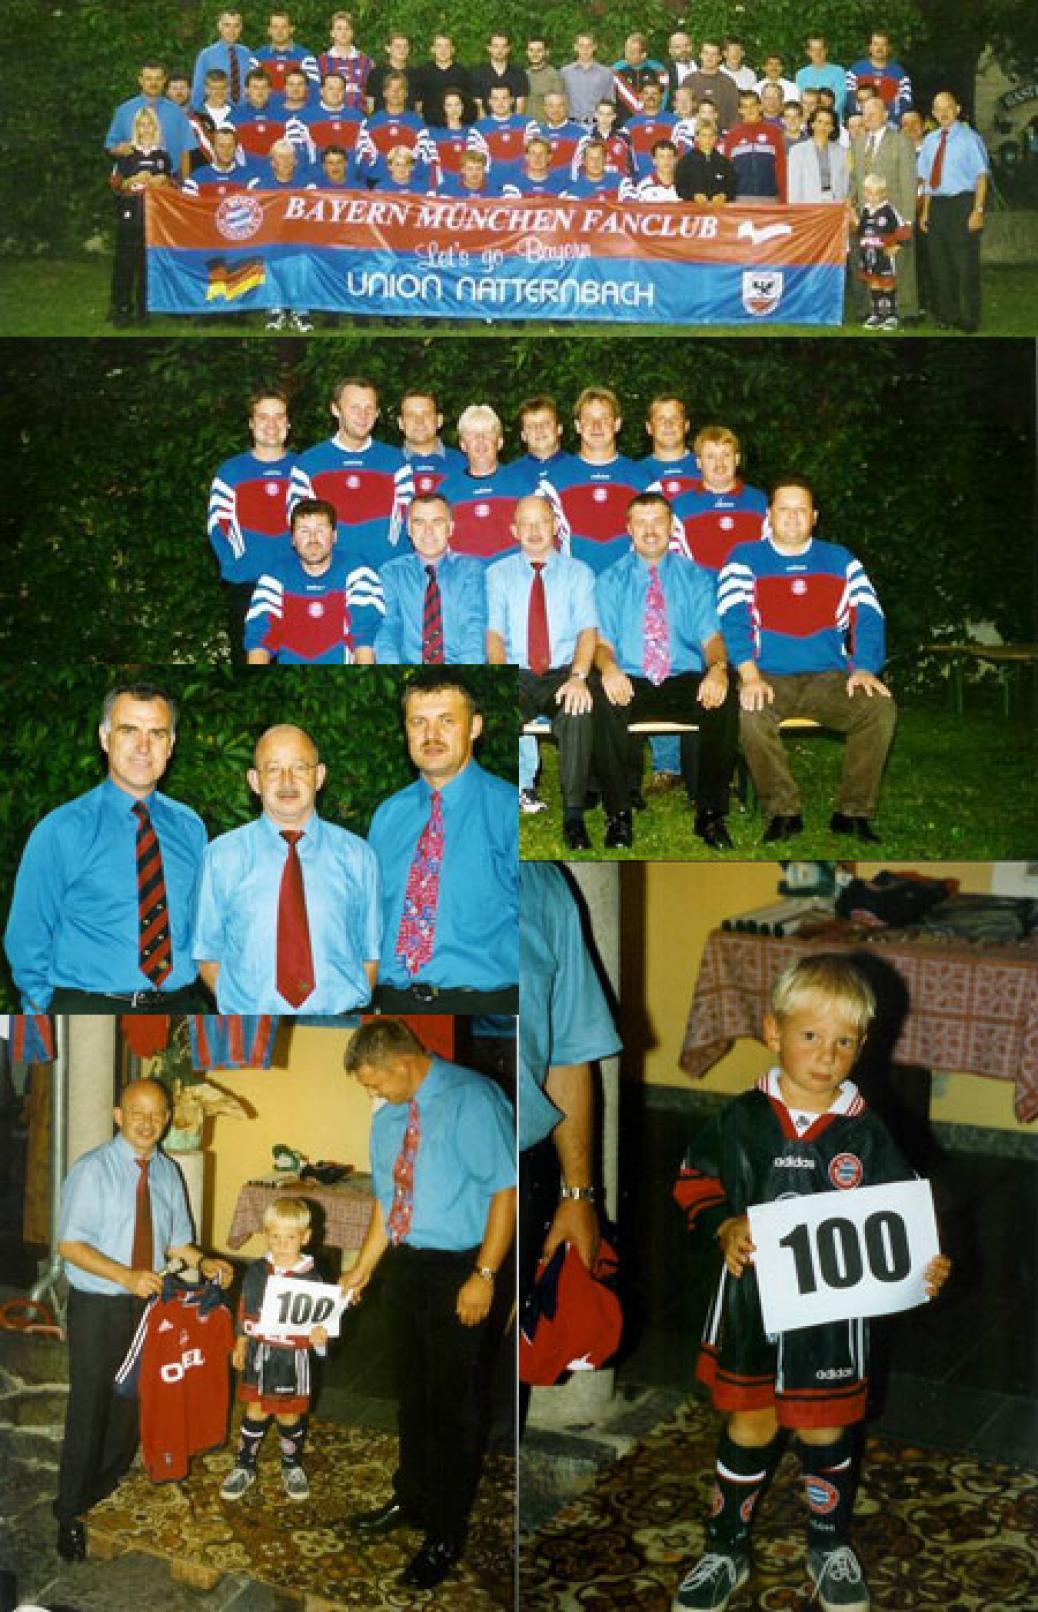 10 Jahre-Jubilum und 100. Mitglied